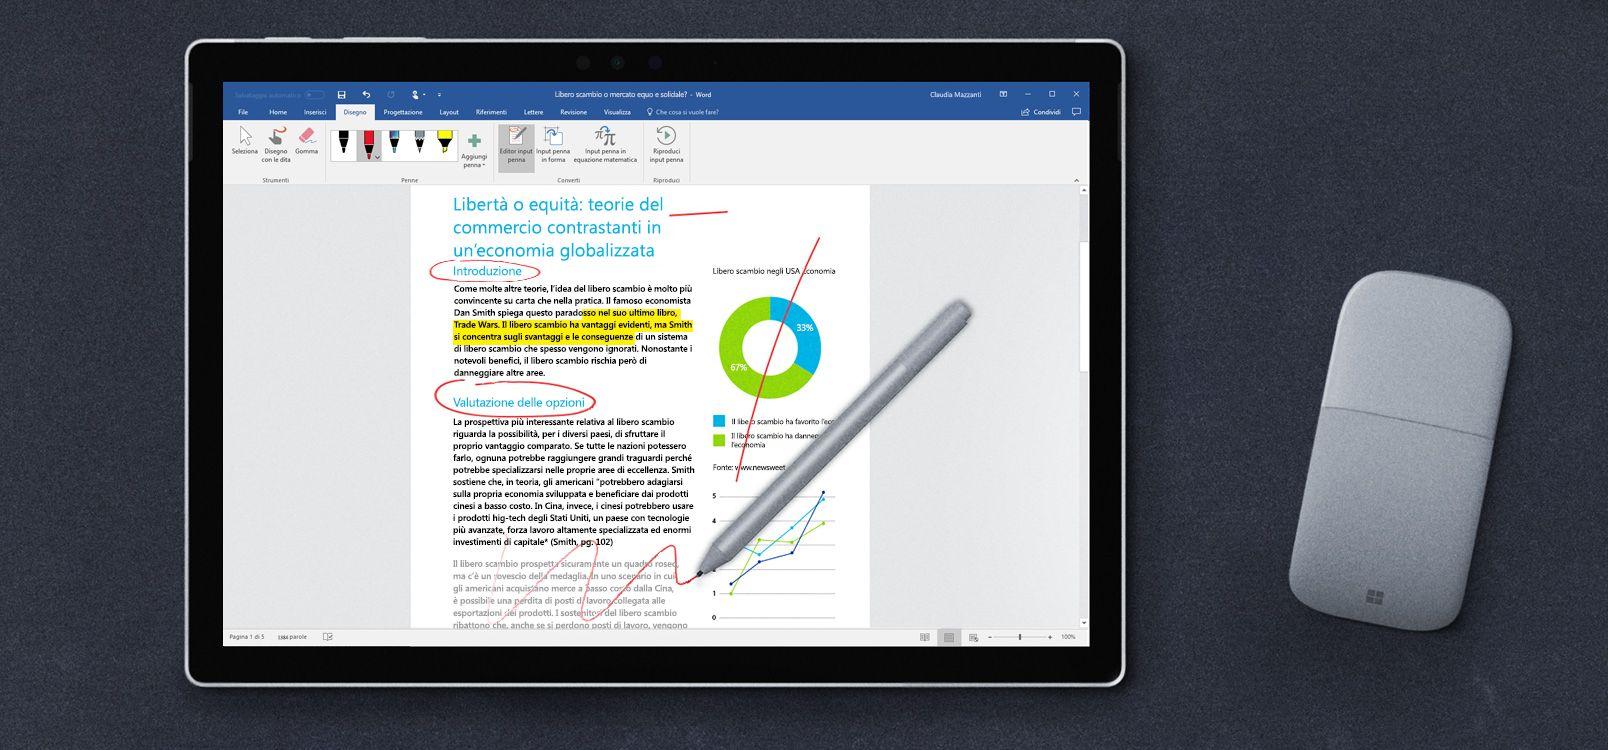 Schermo di tablet che visualizza l'Editor input penna